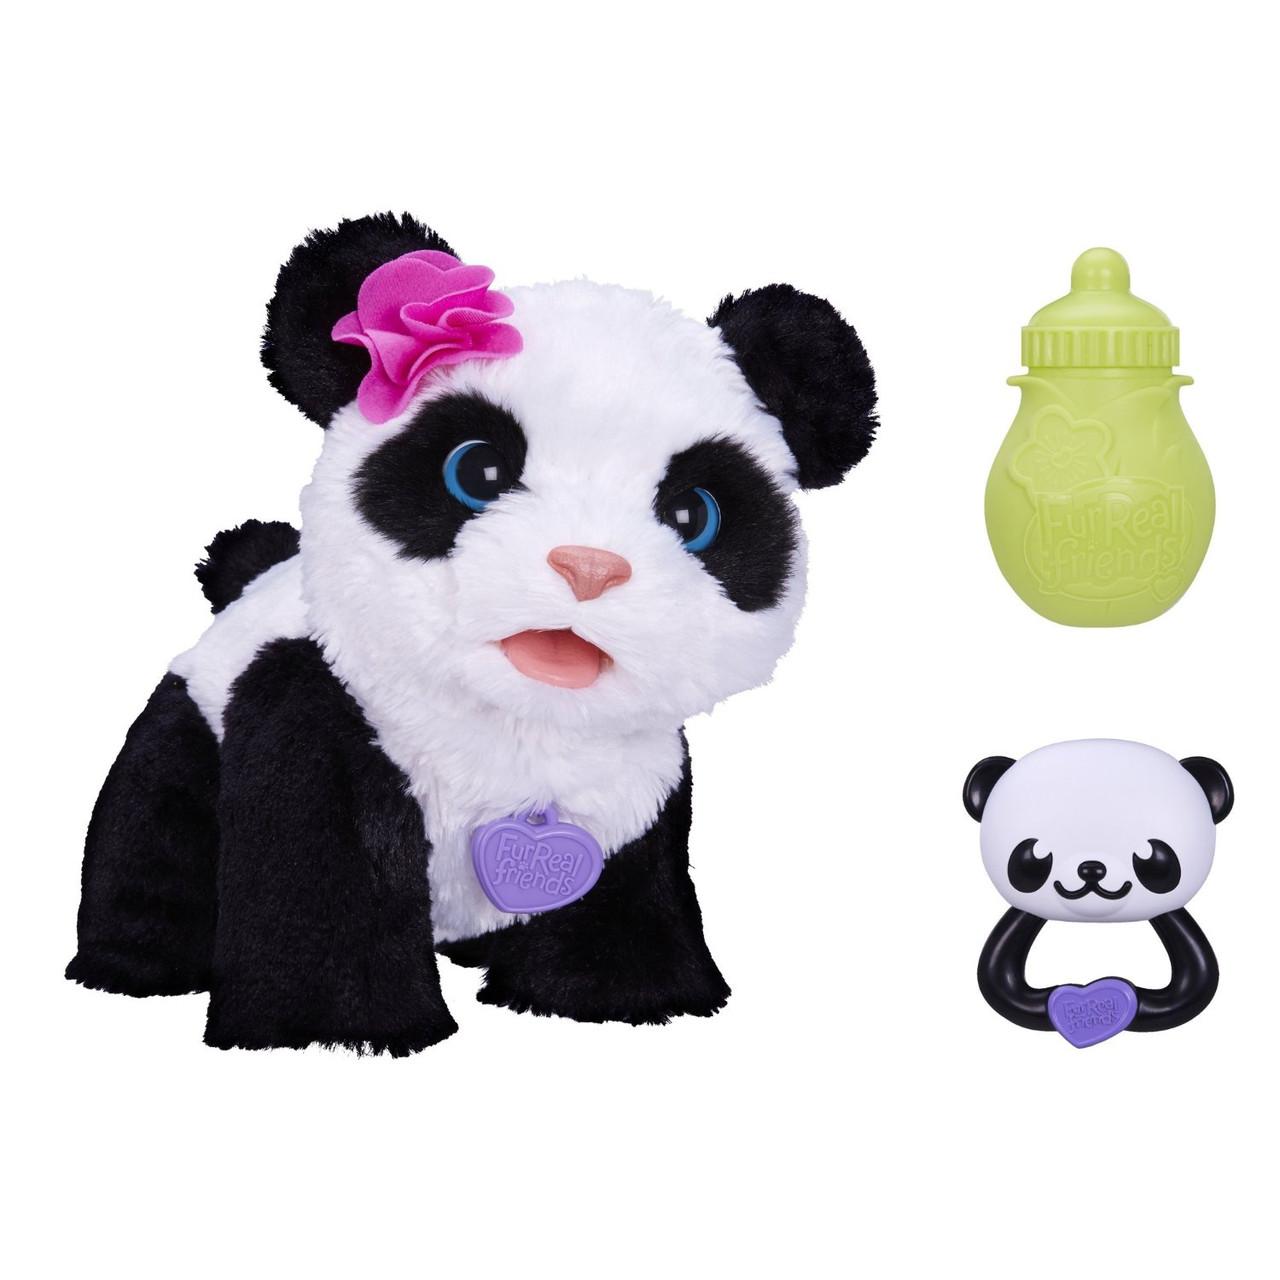 Интерактивная малыш панда Пом Пом детская игрушка FurReal Friends PomPom Panda Hasbro A7275